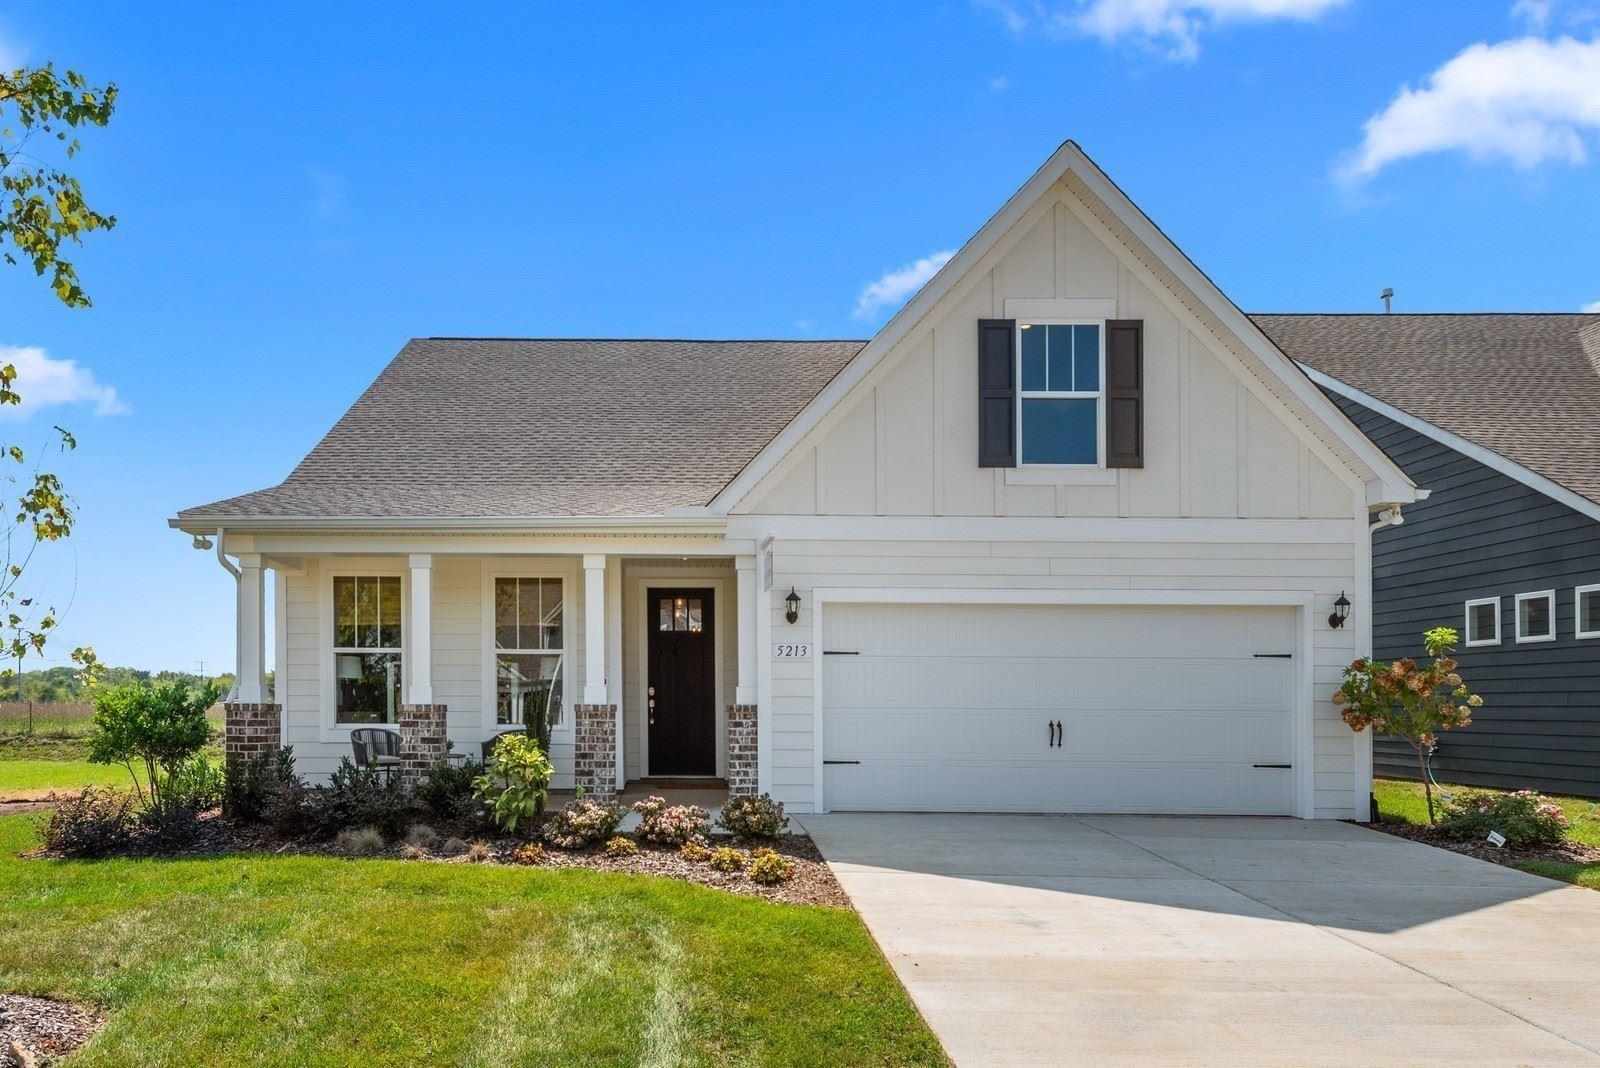 5532 Heirloom Drive Lot 280, Murfreesboro, TN 37129 - MLS#: 2194123